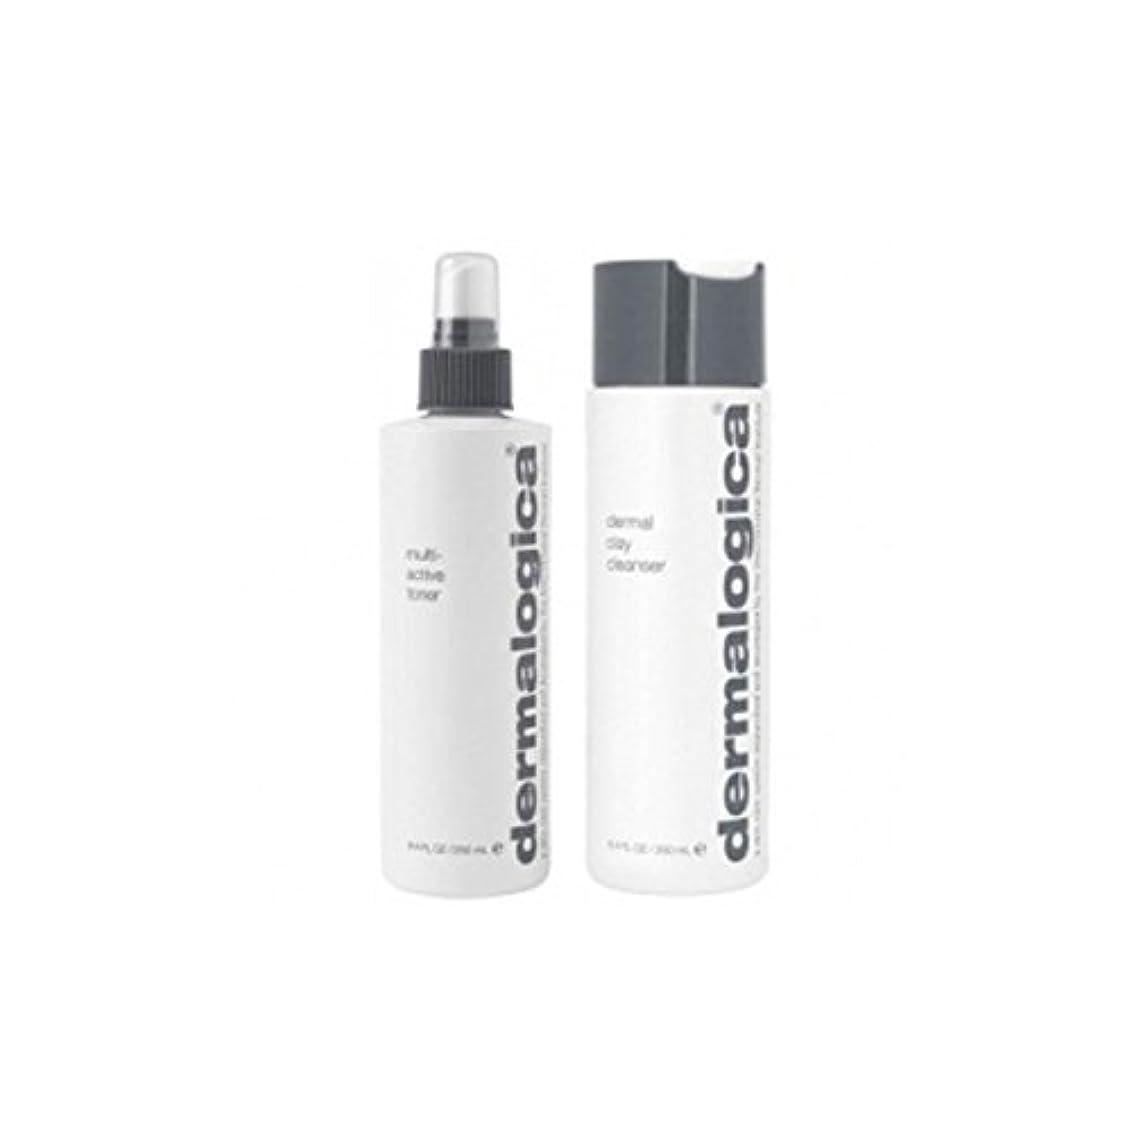 ブロック戦争解釈的ダーマロジカクレンジング&トーンデュオ - 脂性肌(2製品) x2 - Dermalogica Cleanse & Tone Duo - Oily Skin (2 Products) (Pack of 2) [並行輸入品]